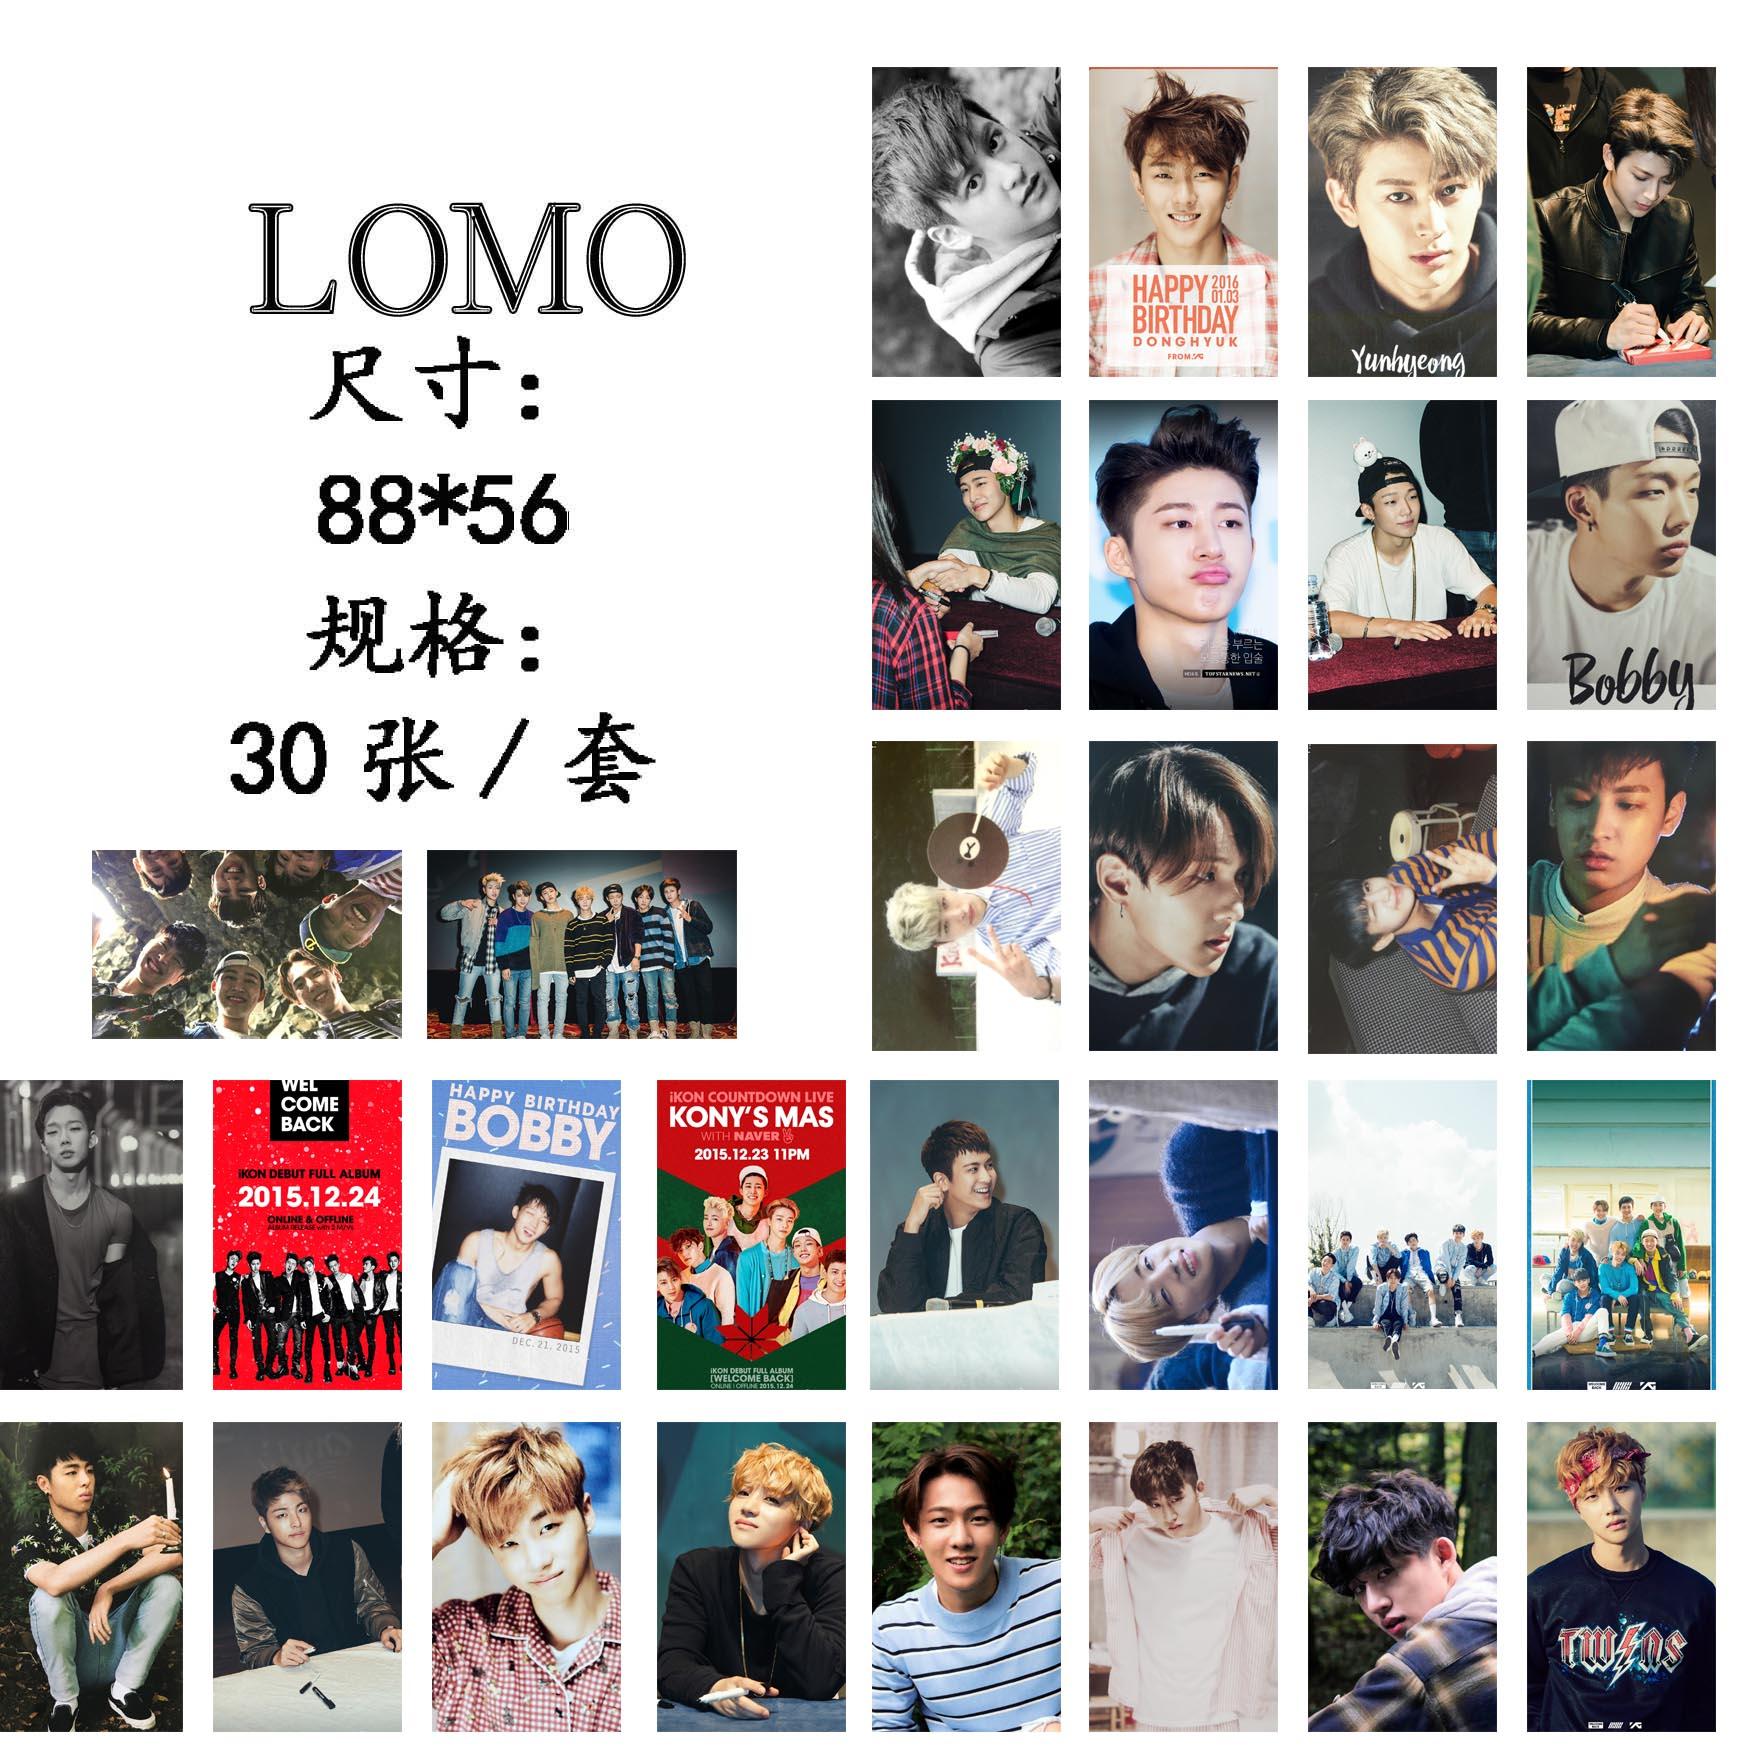 iKON ชุดรูป LOMO